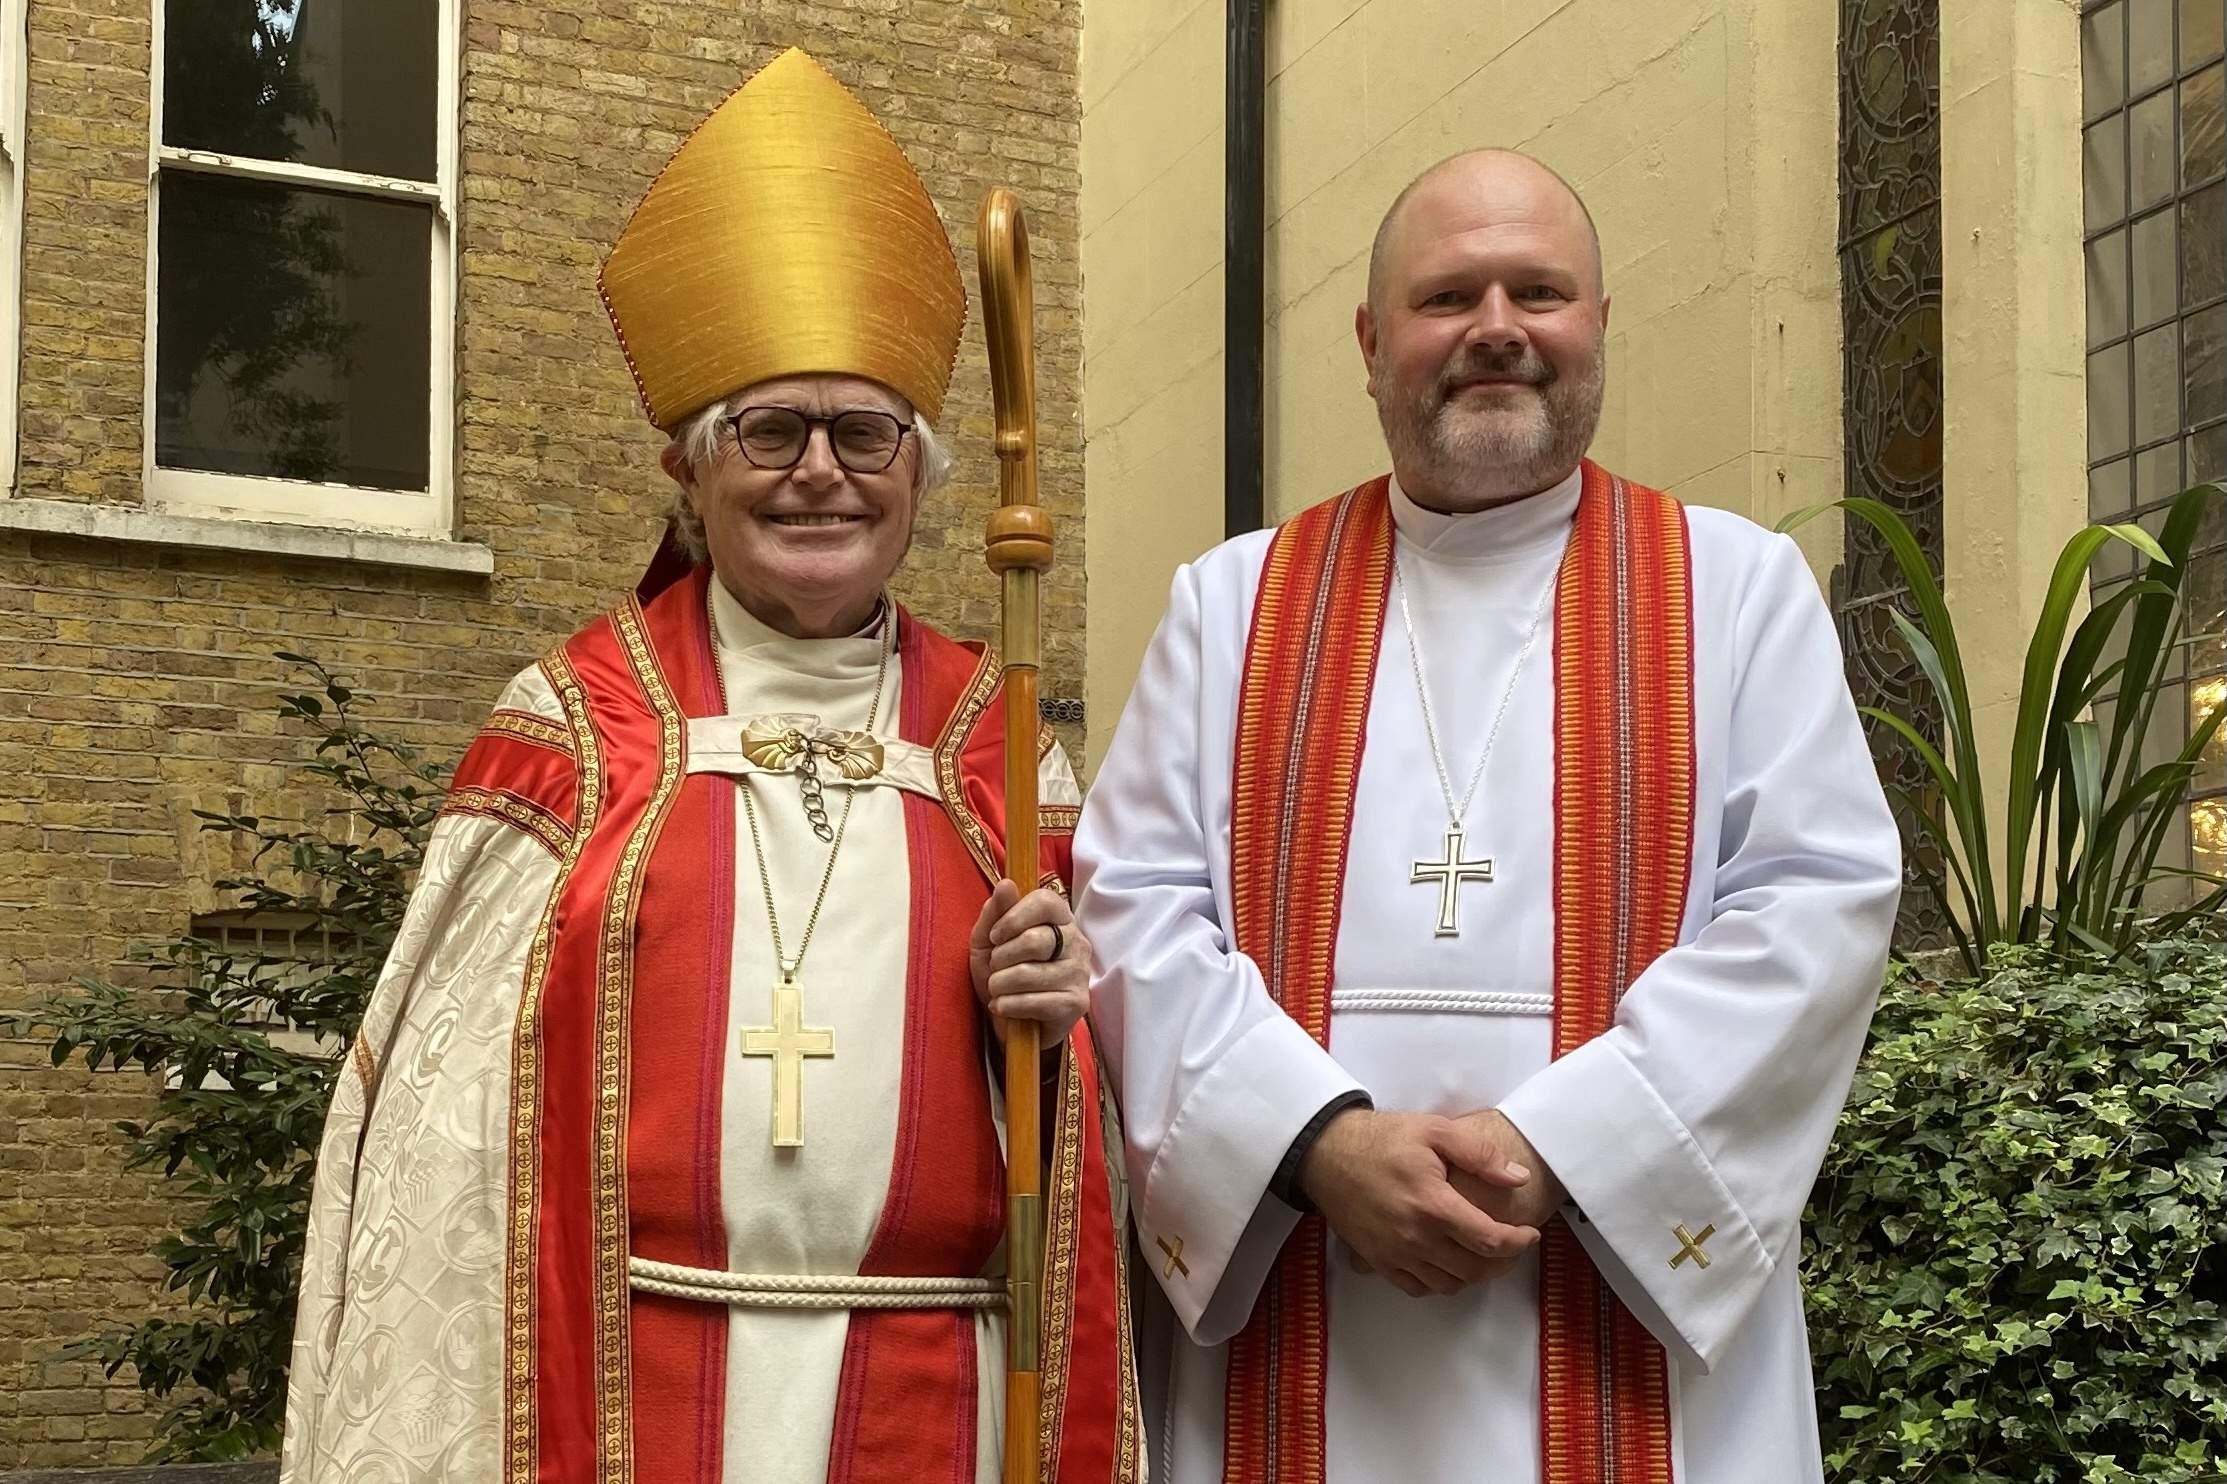 Bishop Tor ordained Meelis Süld to the priesthood